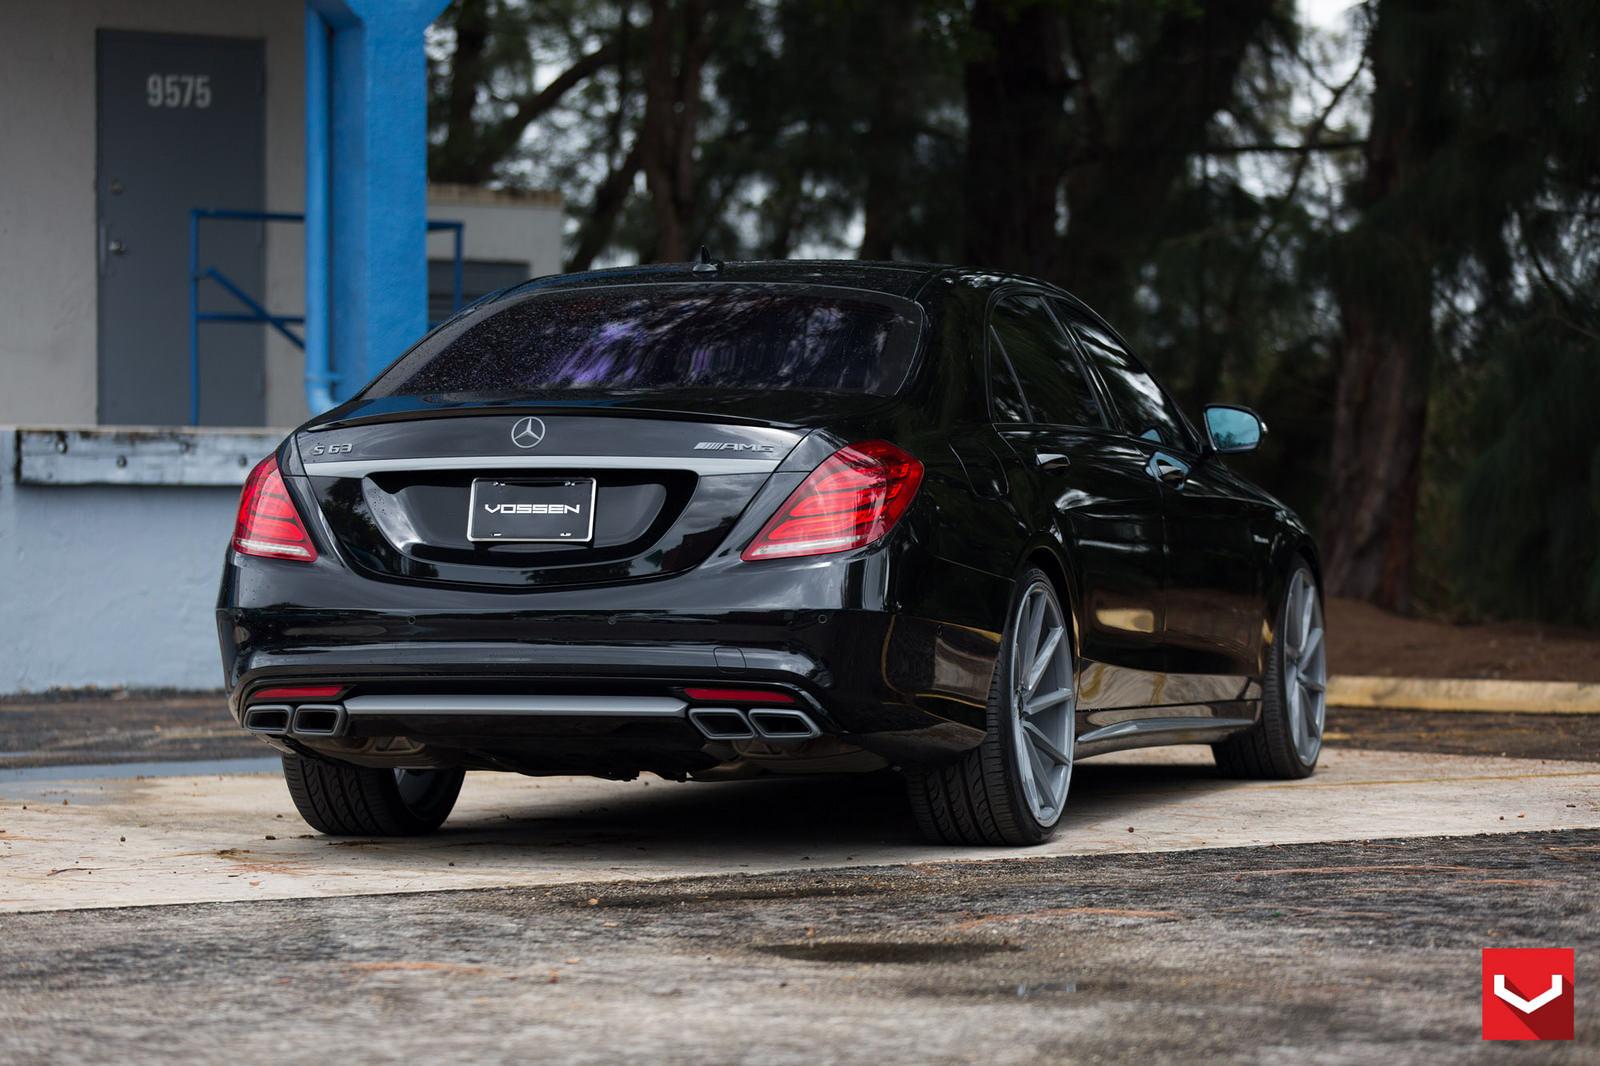 Mercedes benz w222 s63 amg on vossen cvt wheels benztuning for Mercedes benz s class rims